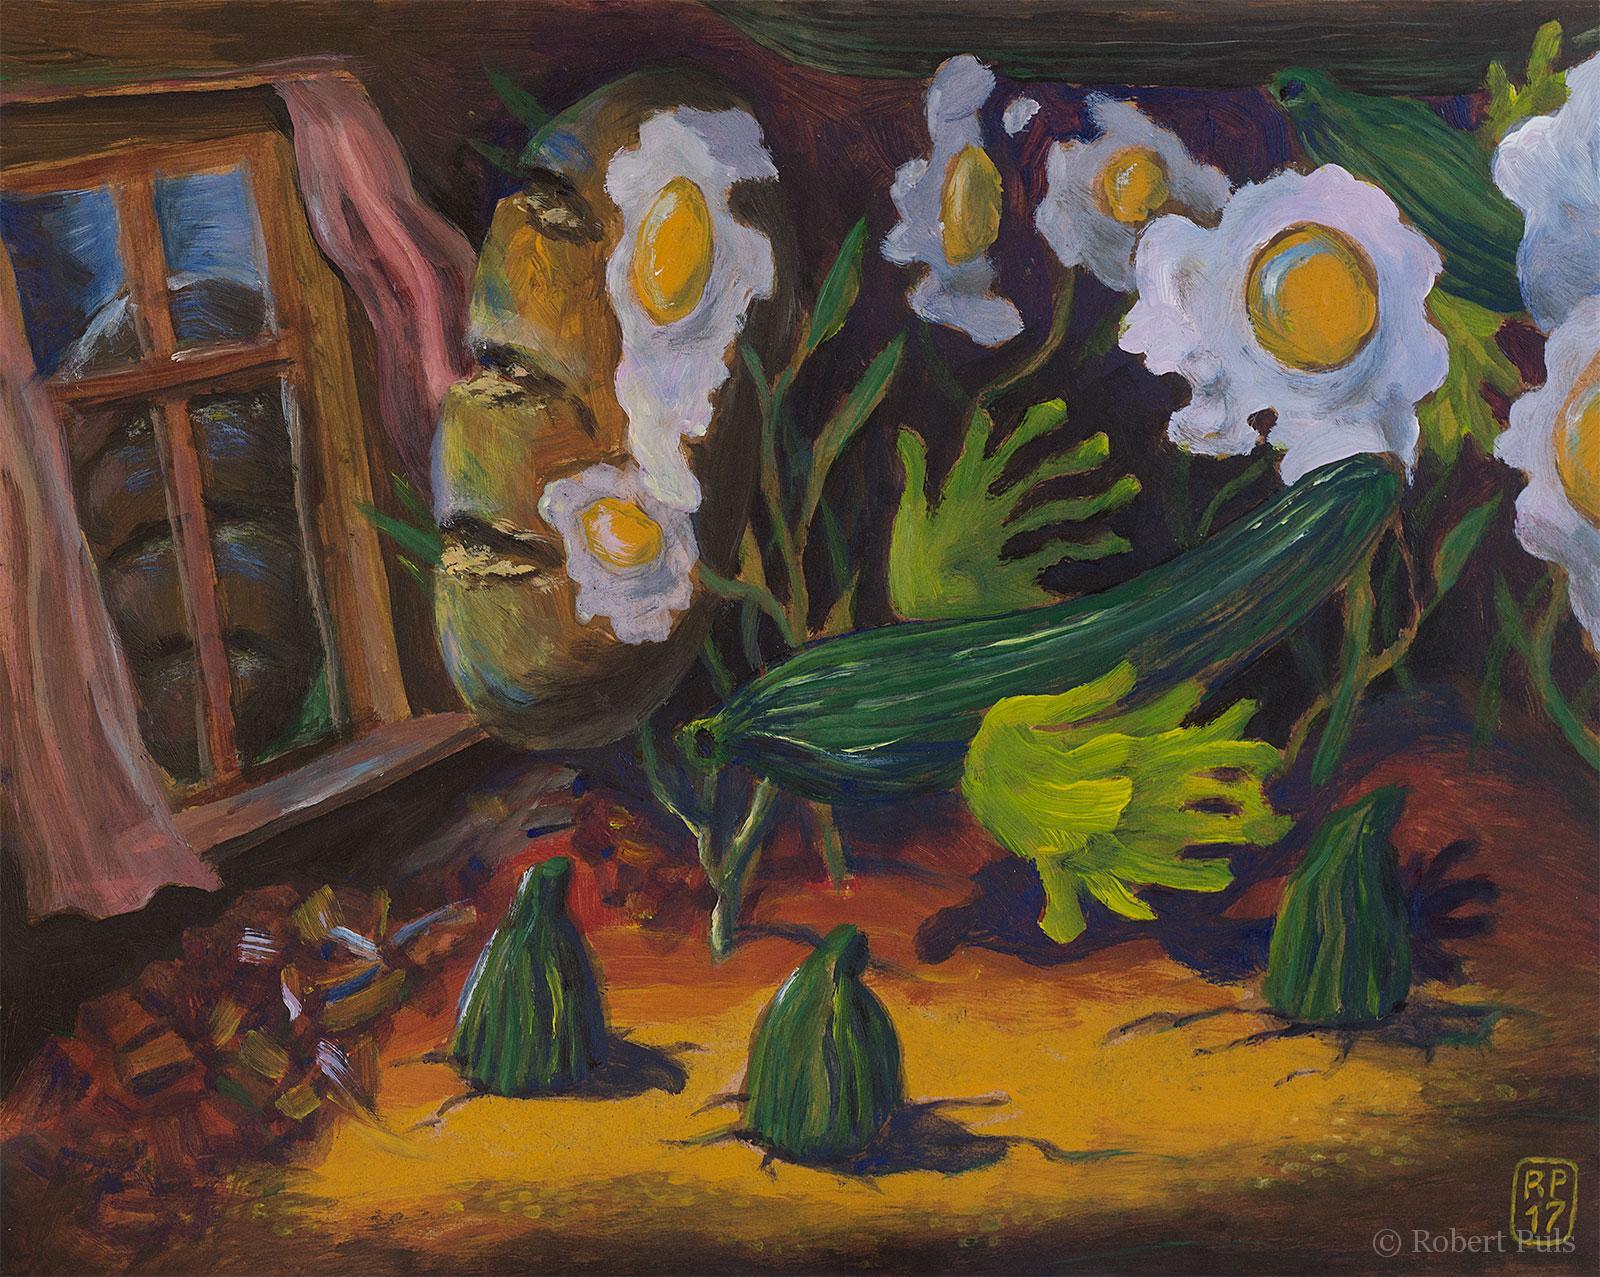 Räume surreal Malerei Robert Puls